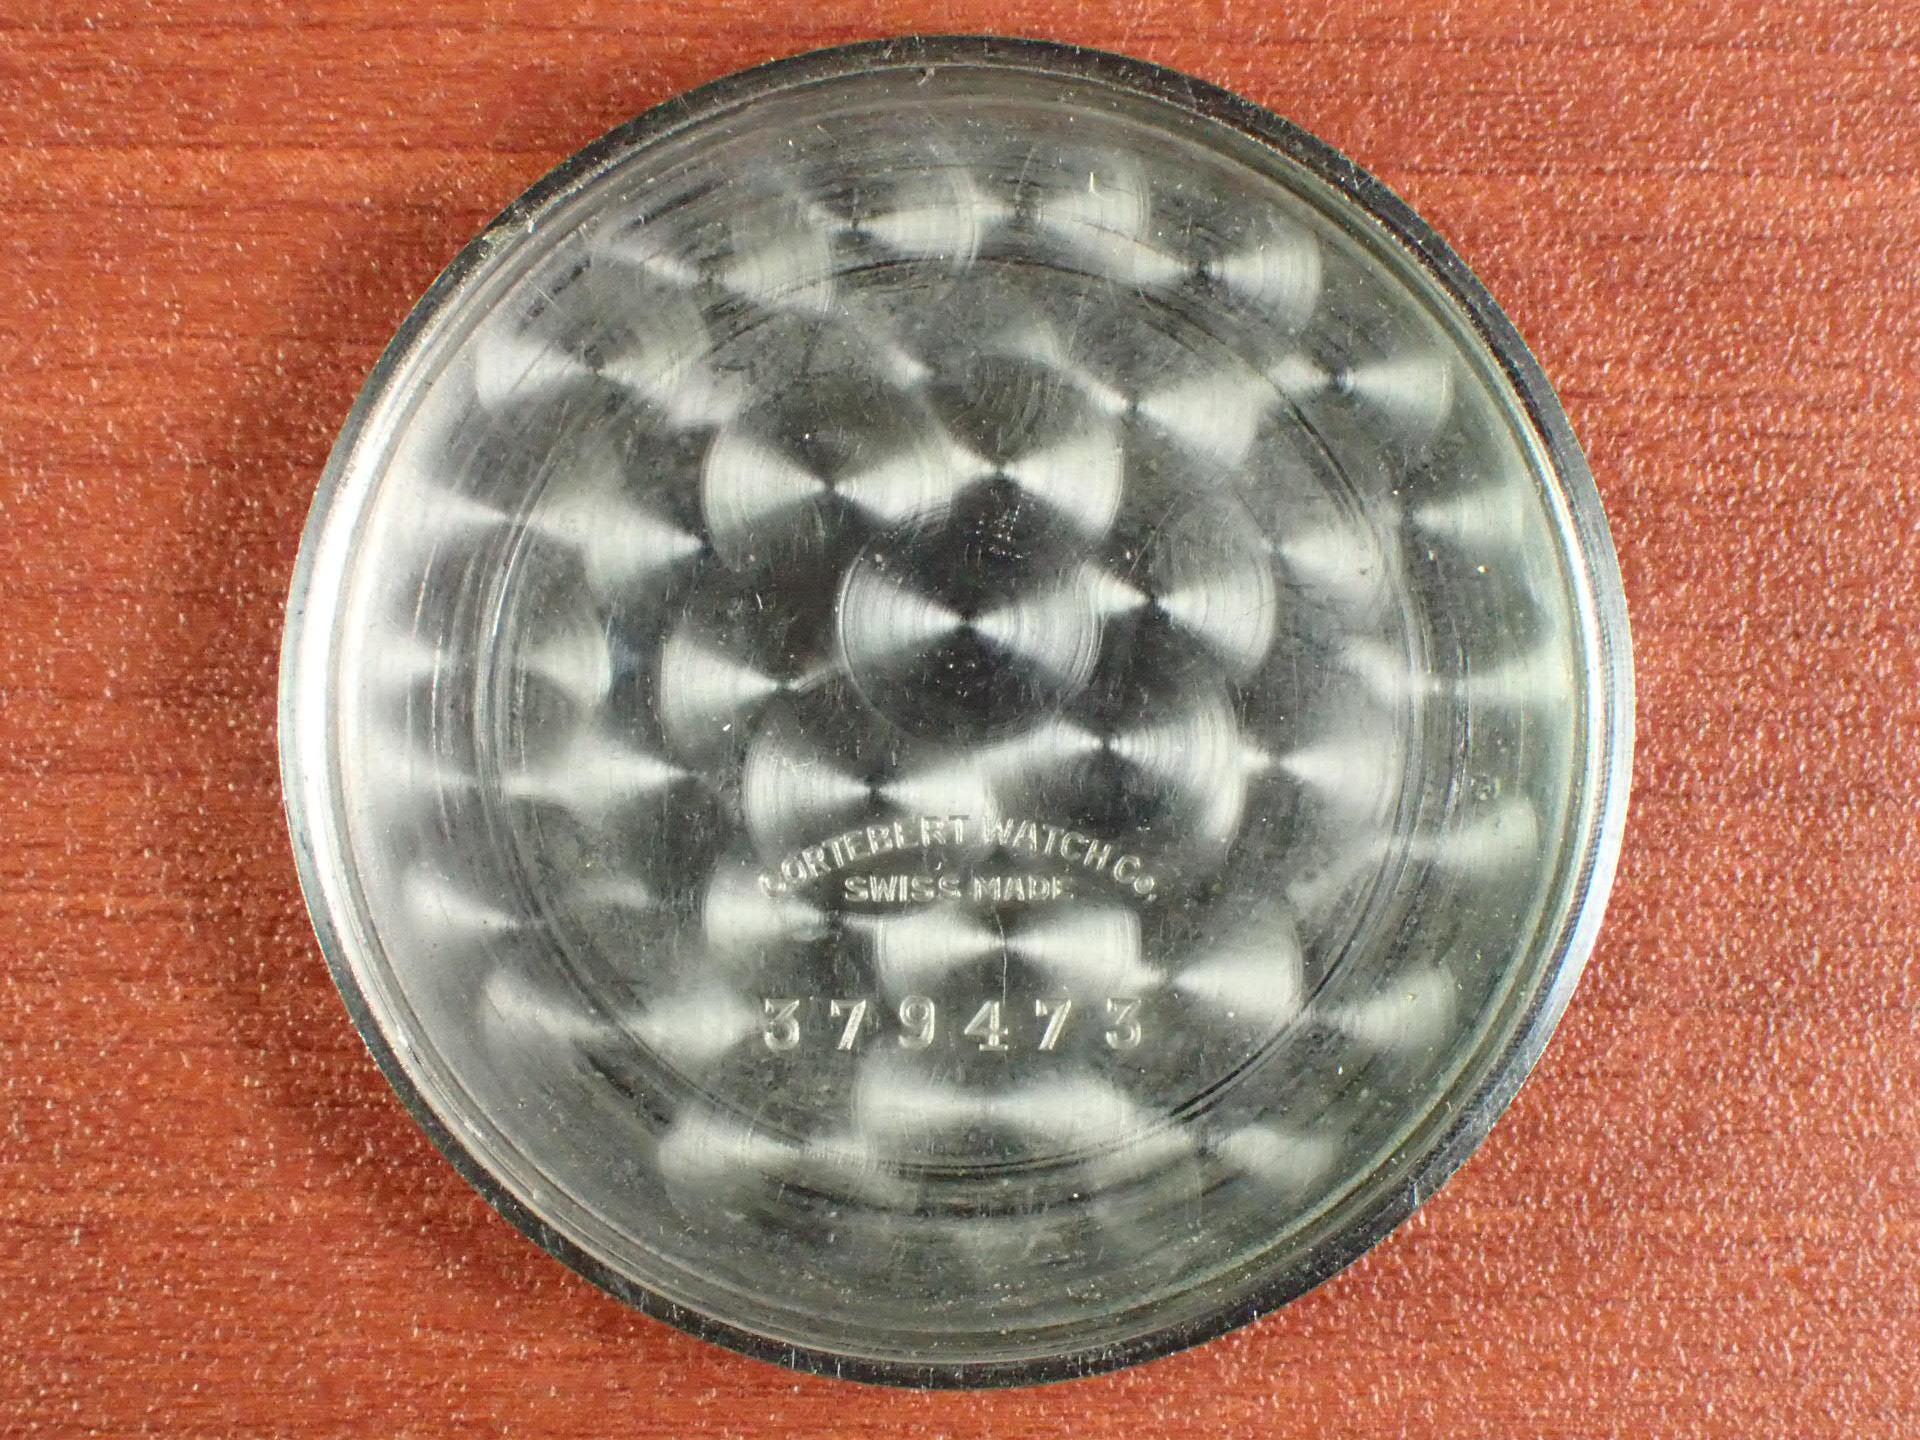 コルトベルト クロノグラフ Cal.Venus170 コパーダイアル 1940年代の写真6枚目